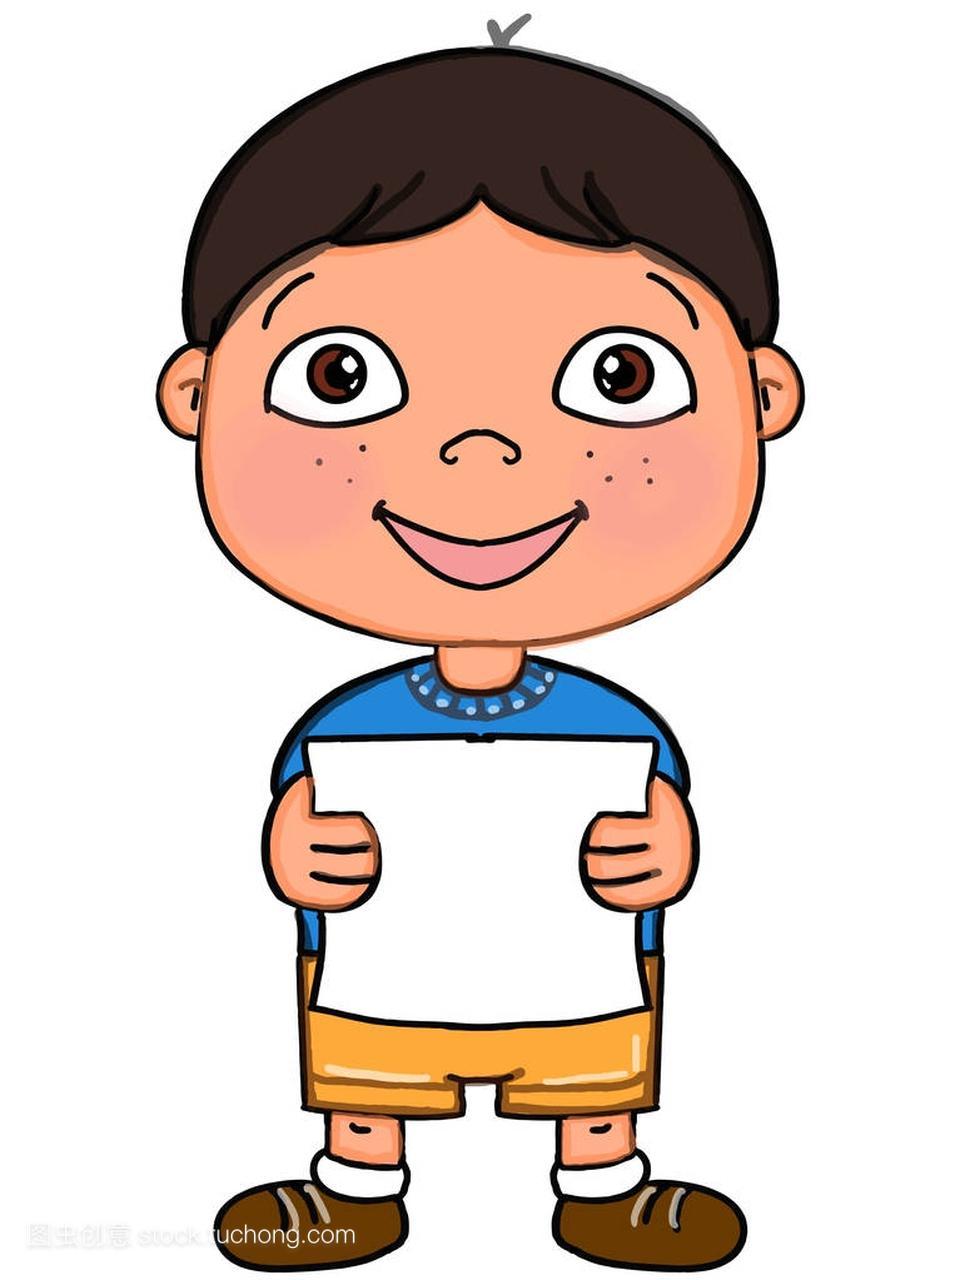 可爱的短发大全男孩卡通画图片全头烫发插画儿童发型图片图片